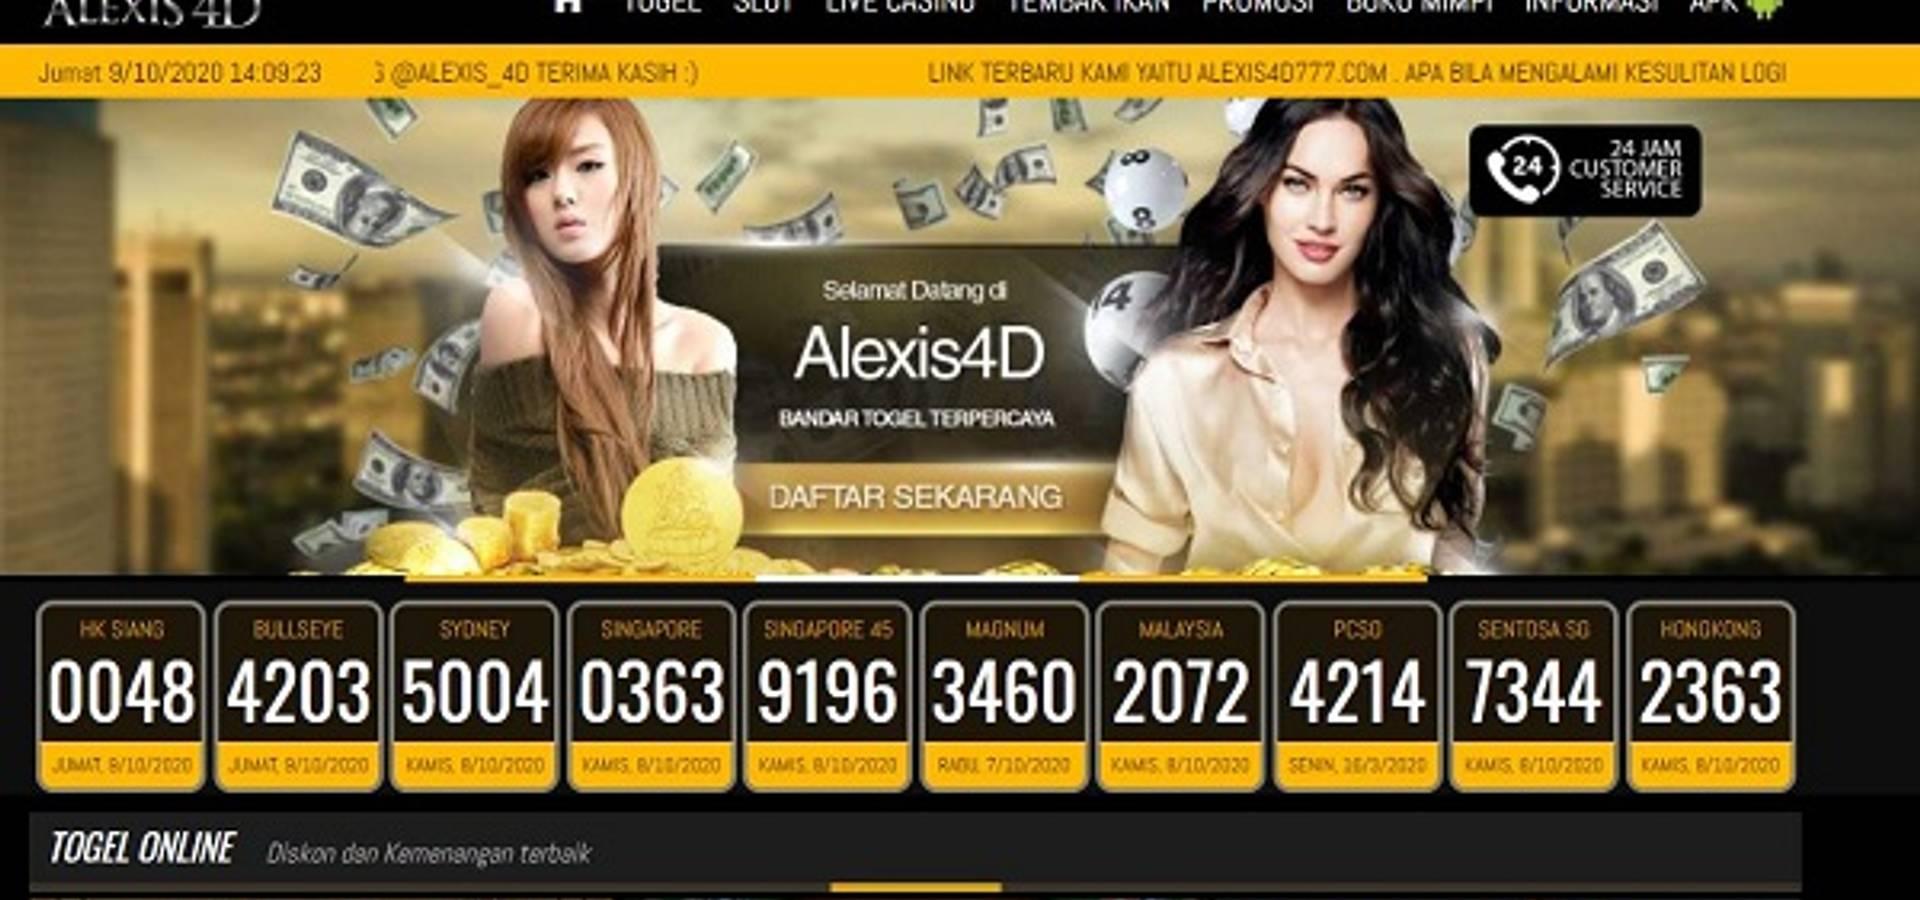 Alexis4d